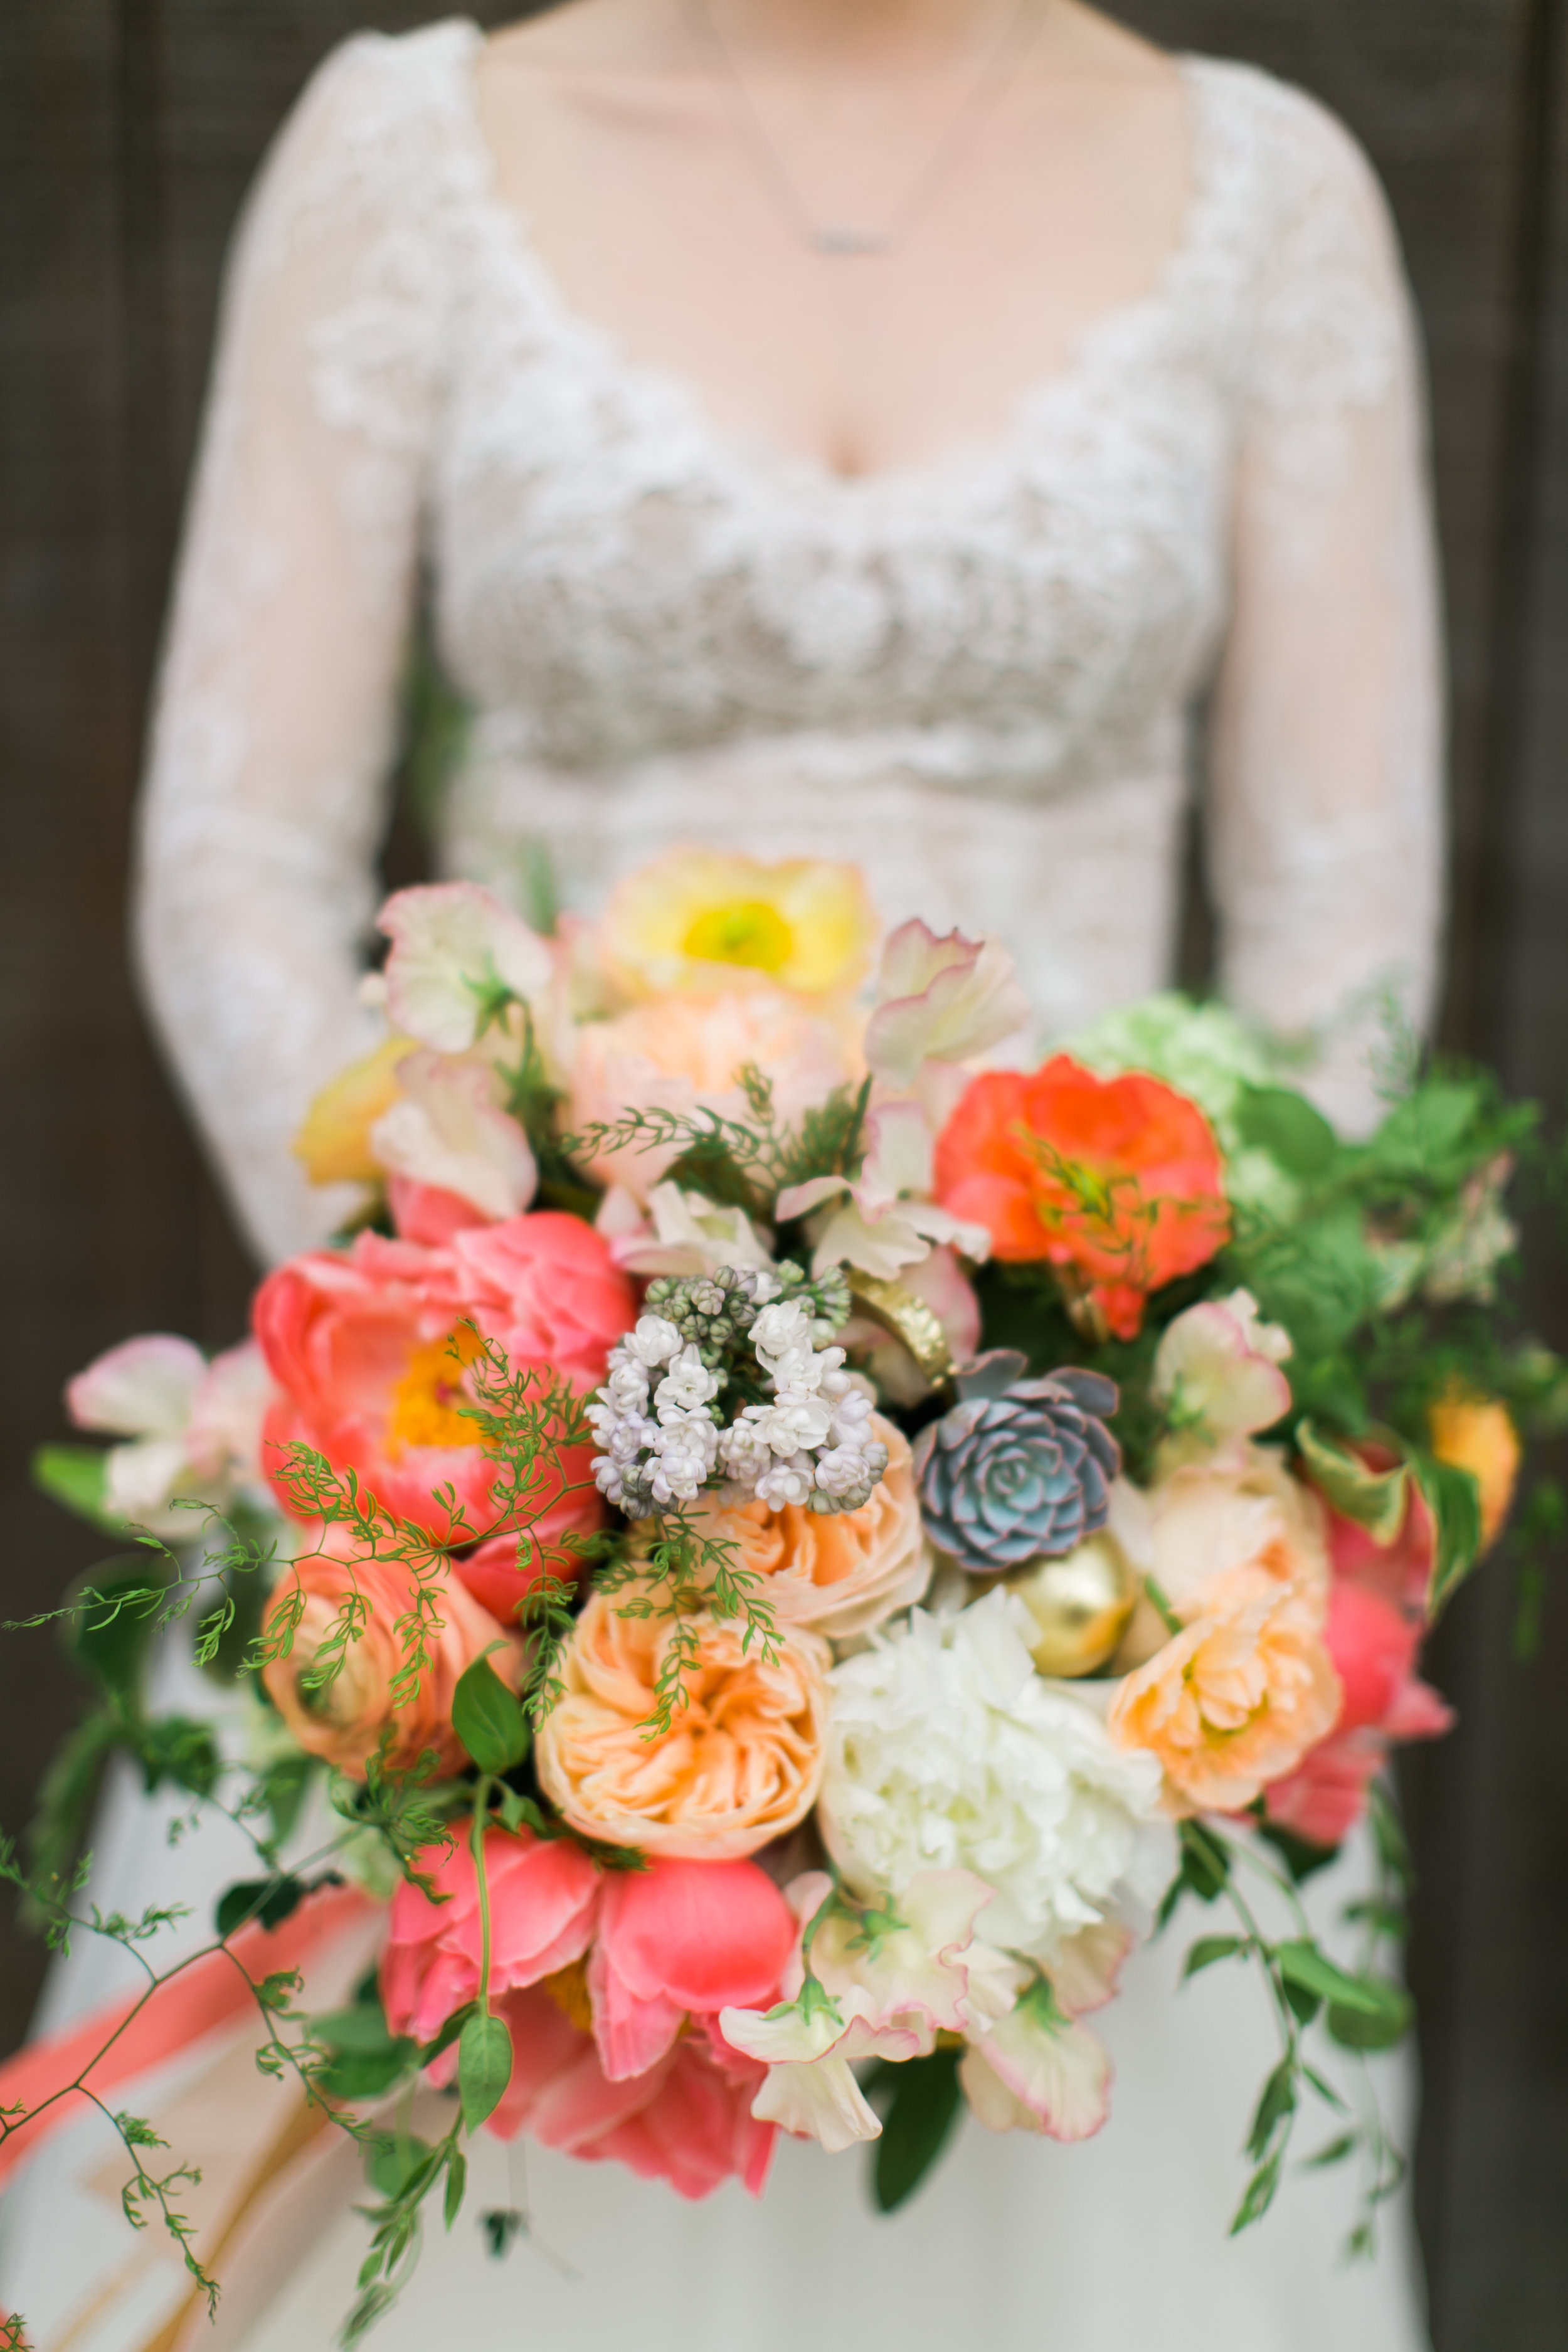 Bridal floral Bouquet, floral design by Parie Designs,